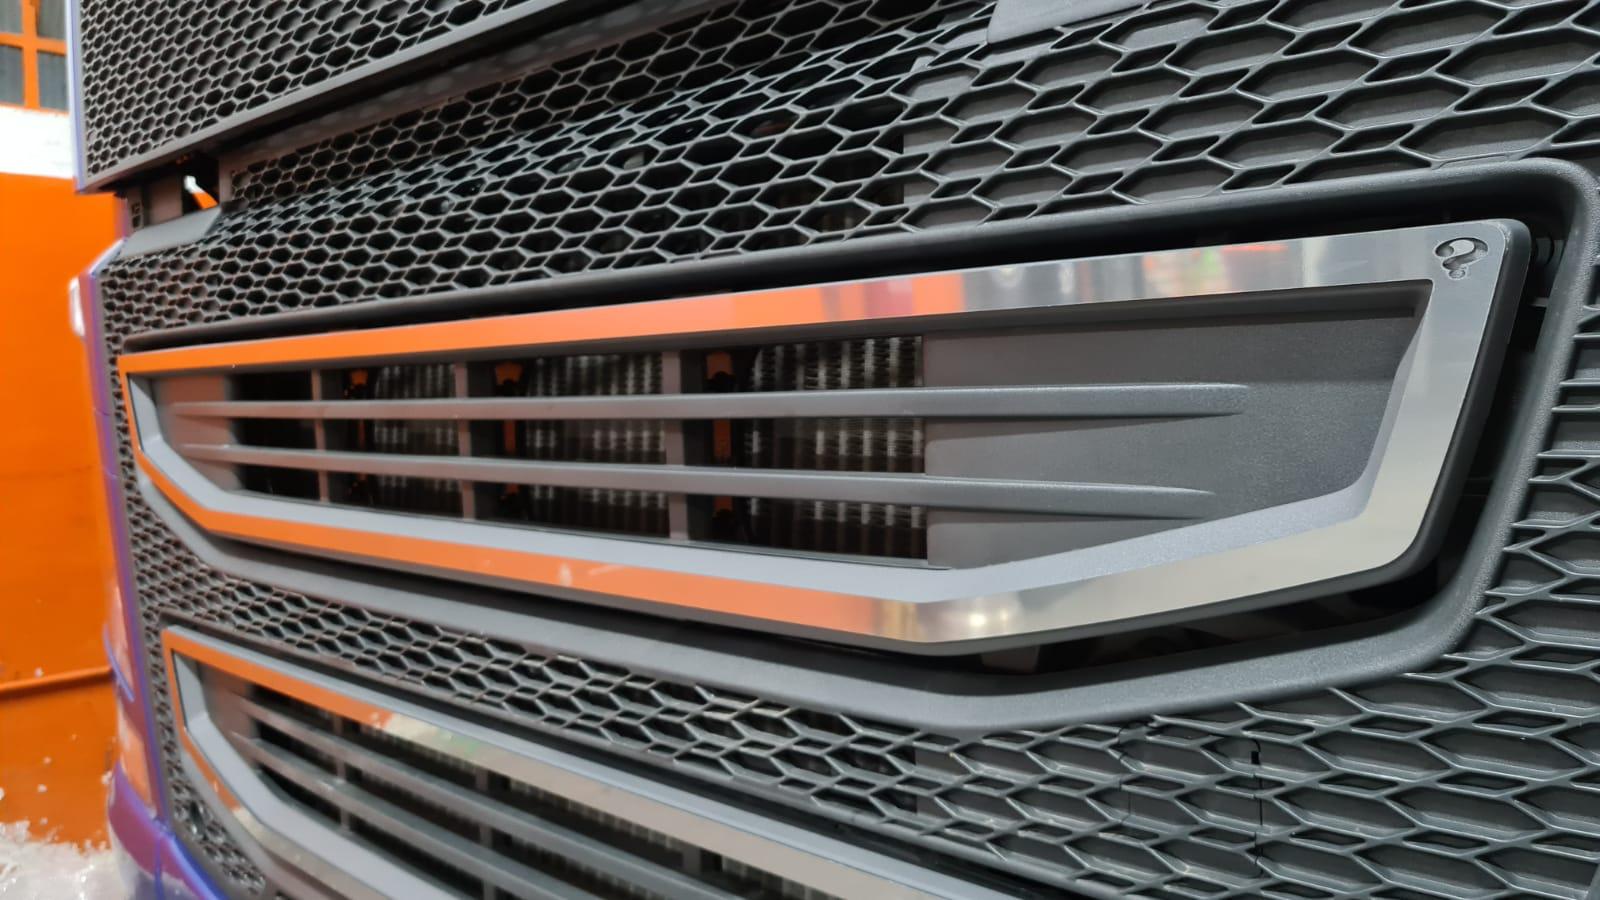 Aplique/Acabamento CHARADA em Inox da Grade do Volvo FH 2015 SUPERIOR